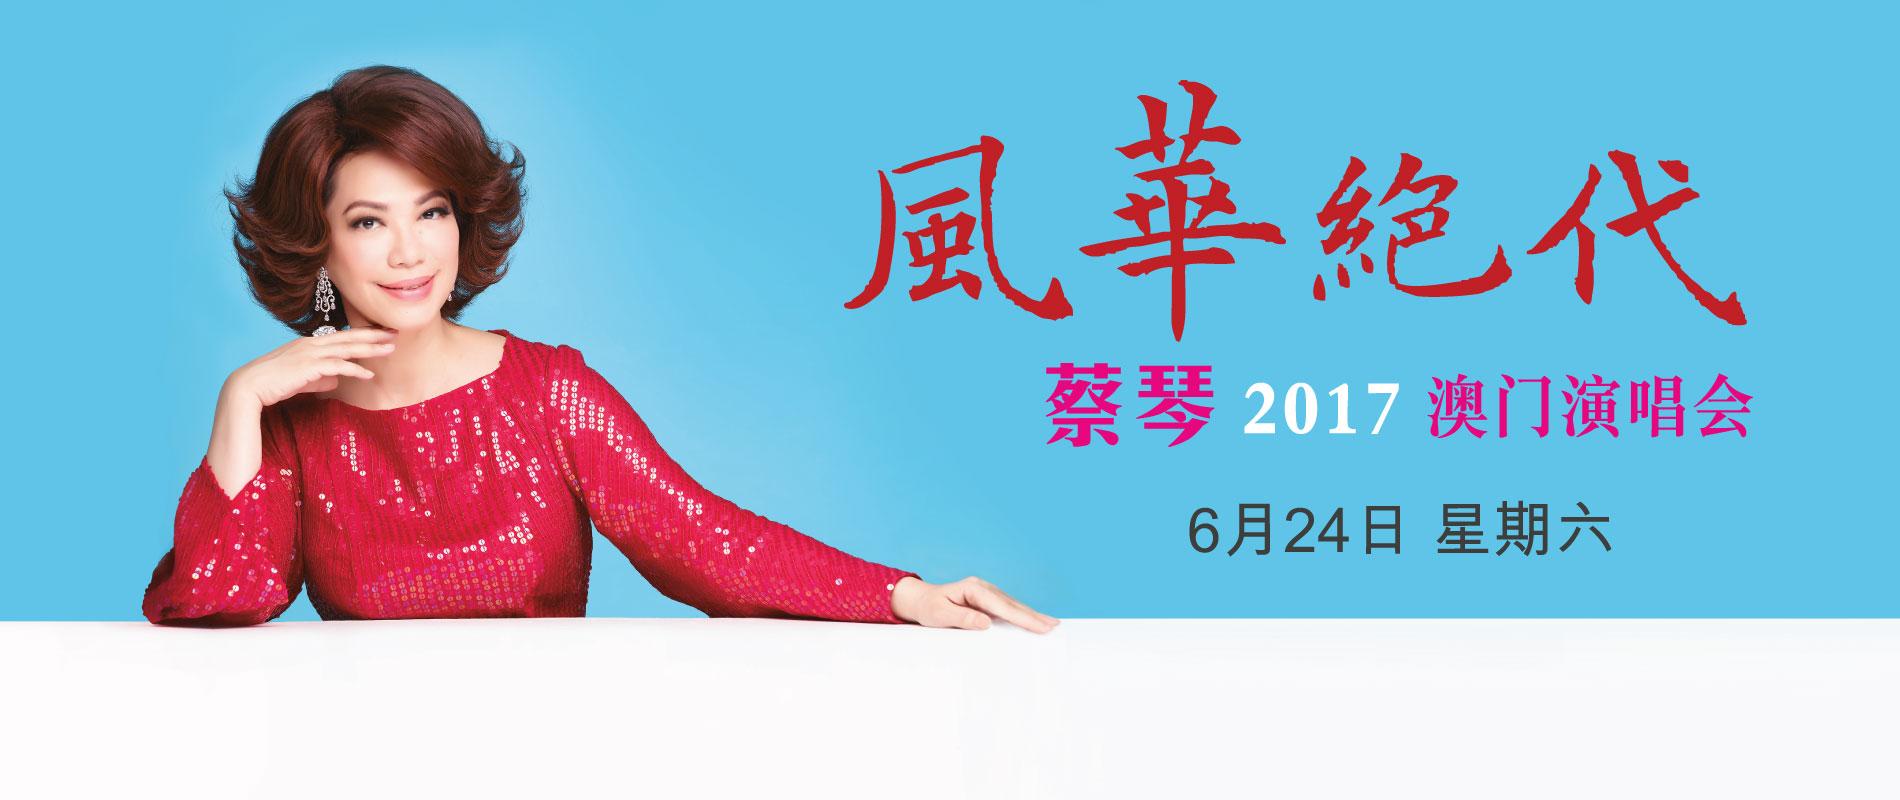 风华绝代 蔡琴2017 澳门演唱会 - 澳门威尼斯人金光综艺馆